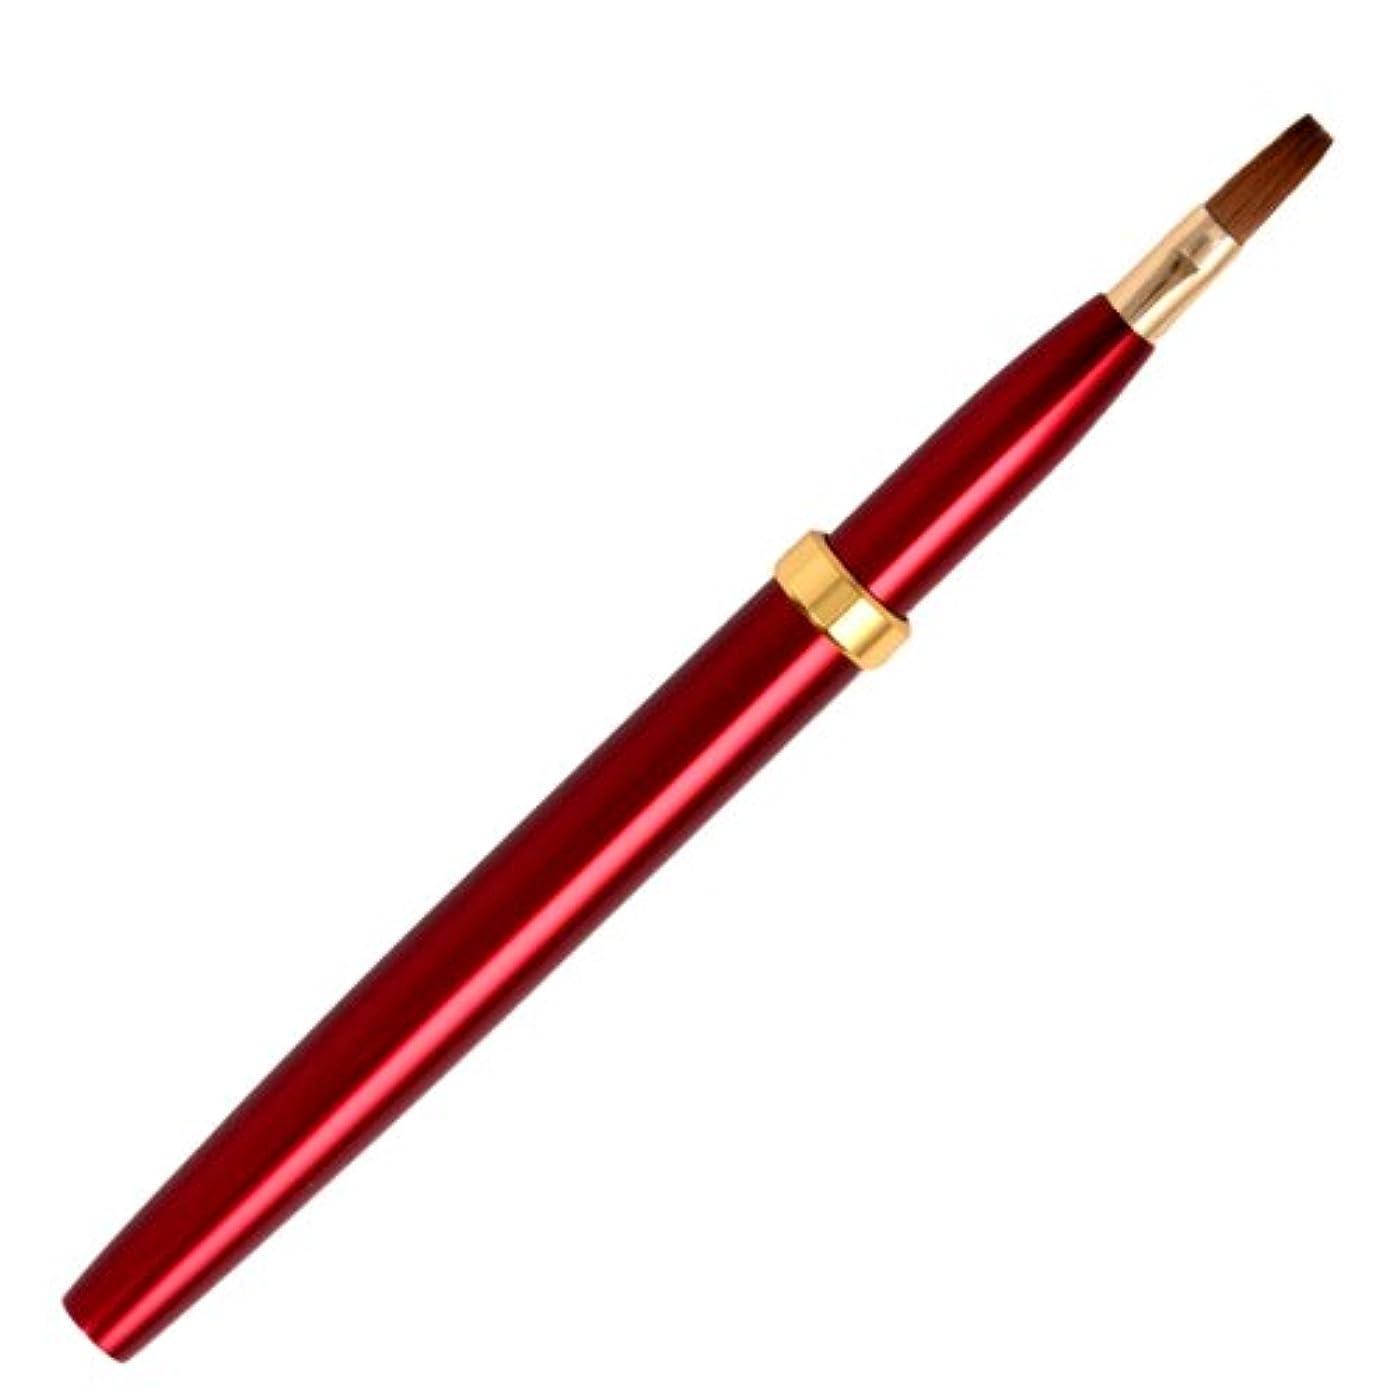 シルエットゆるい使用法広島熊野筆 オートリップブラシ 毛質 イタチ